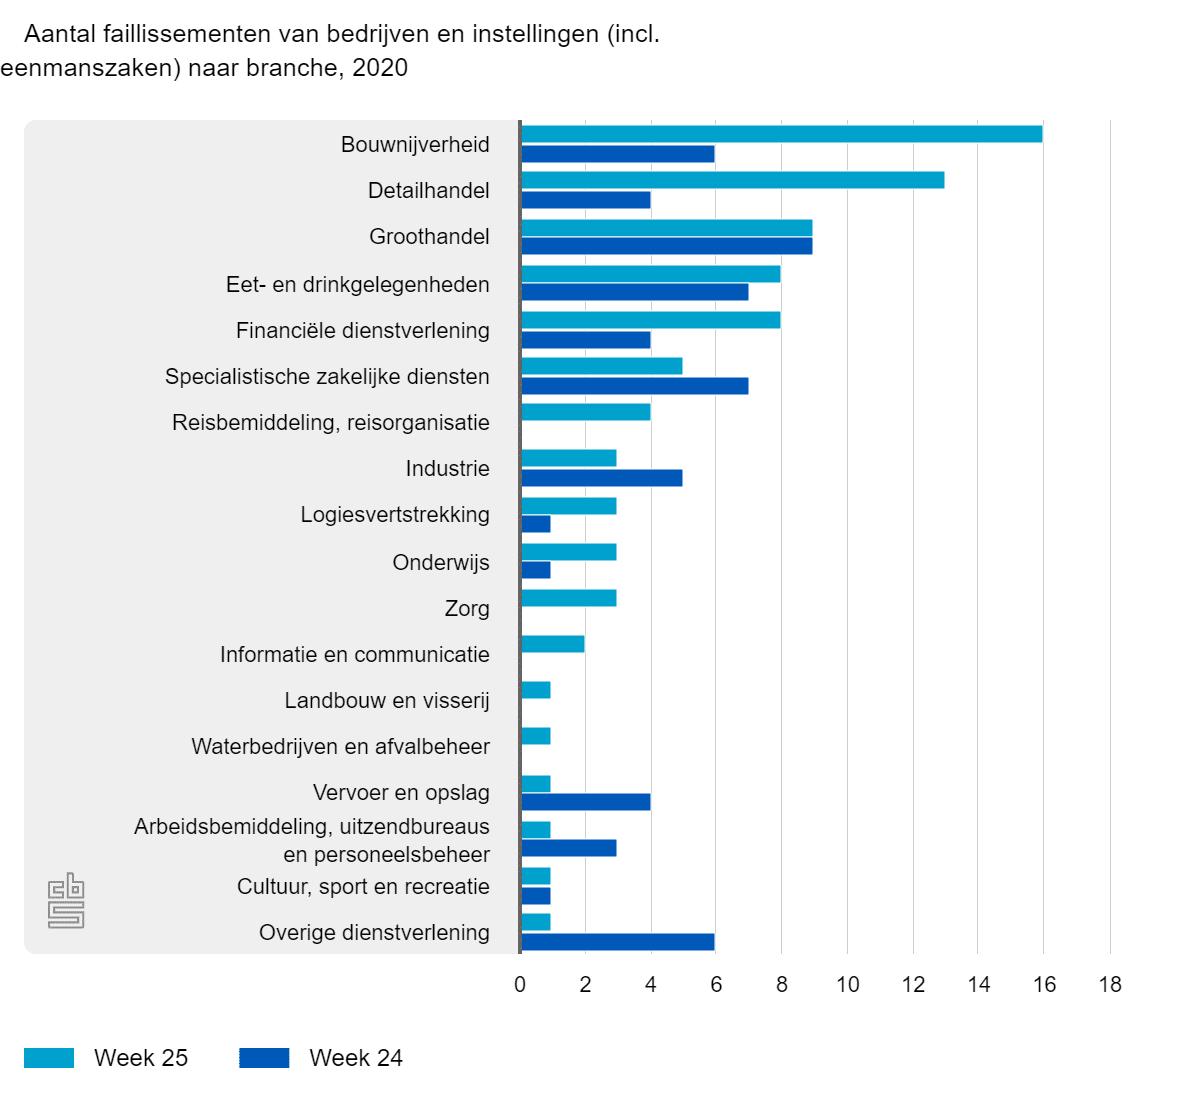 Aantal faillissementen van bedrijven en instellingen naar branche, 2020